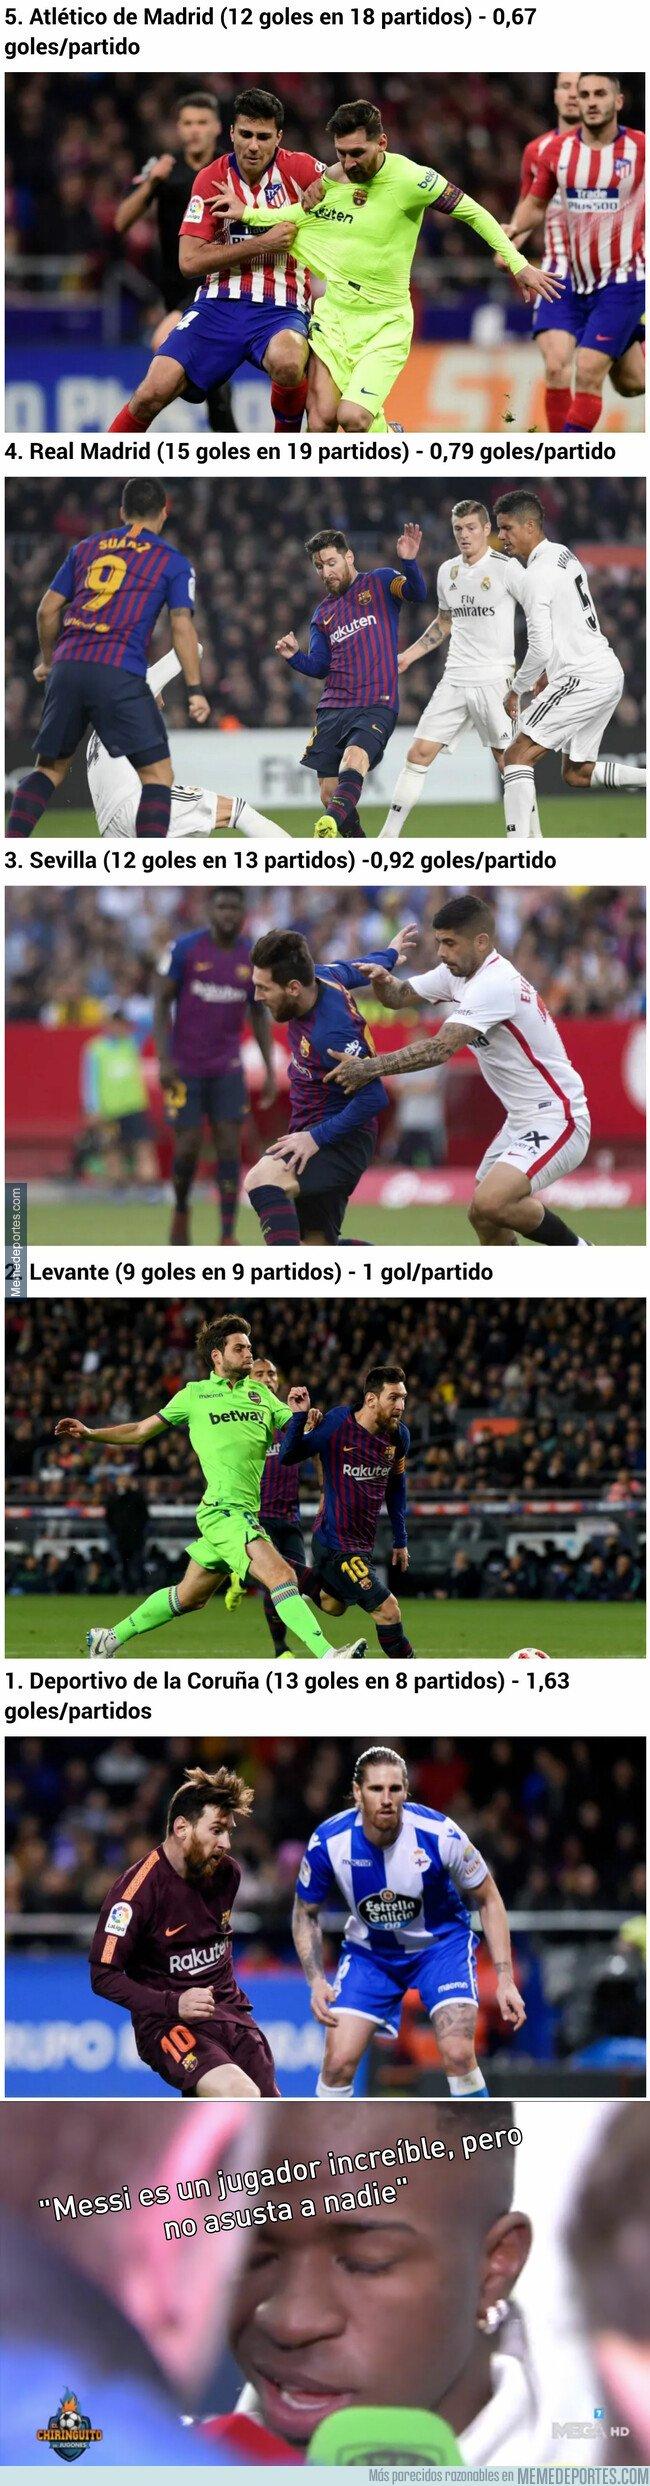 1065855 - Los estadios que mejor se le dan a Leo Messi